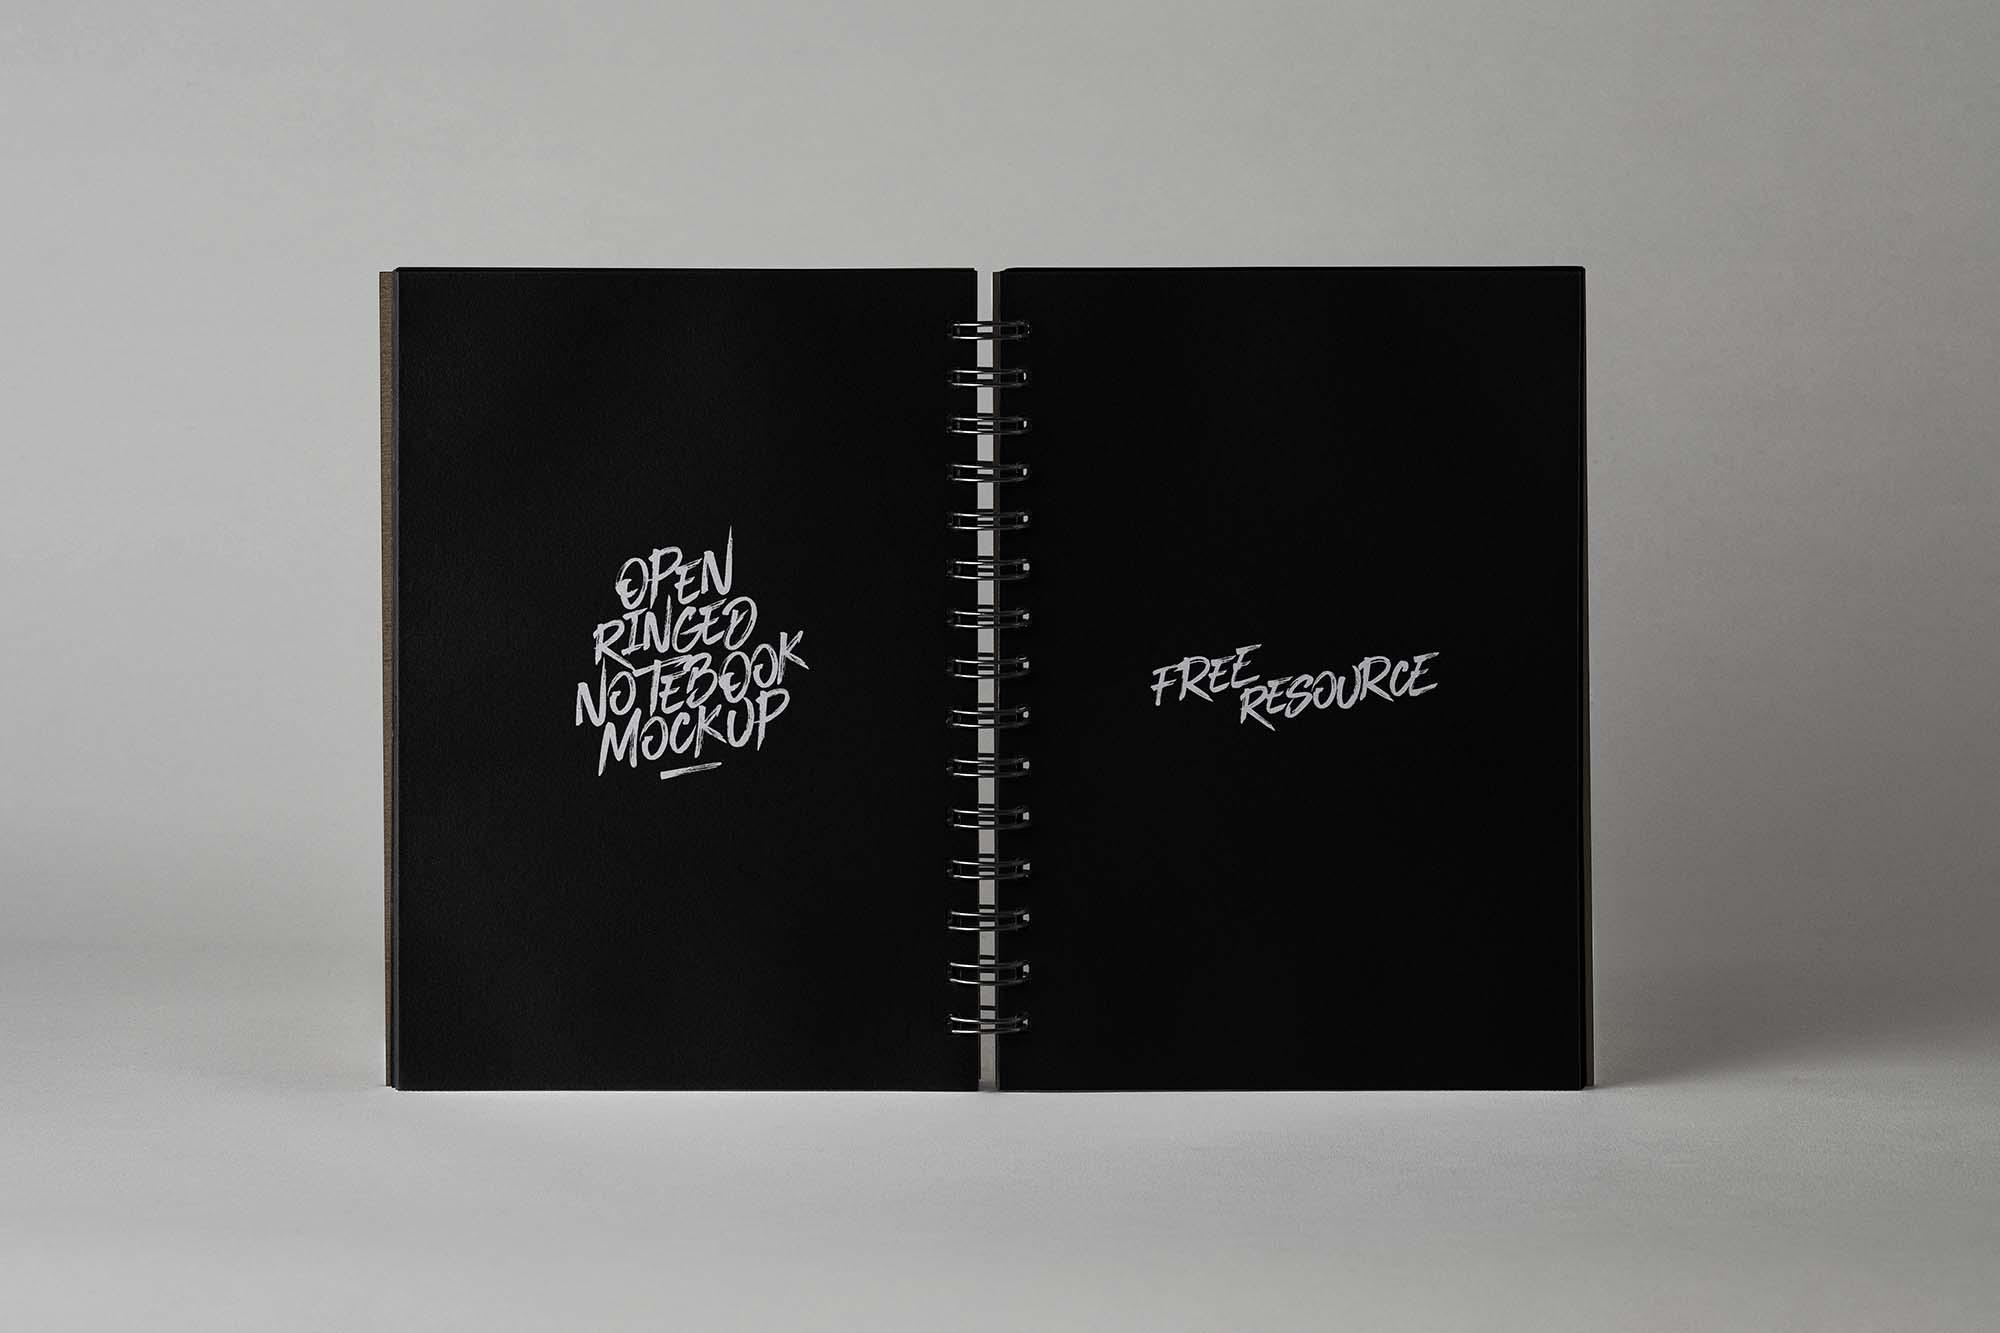 Open Ringed Sketchbook Mockup 2